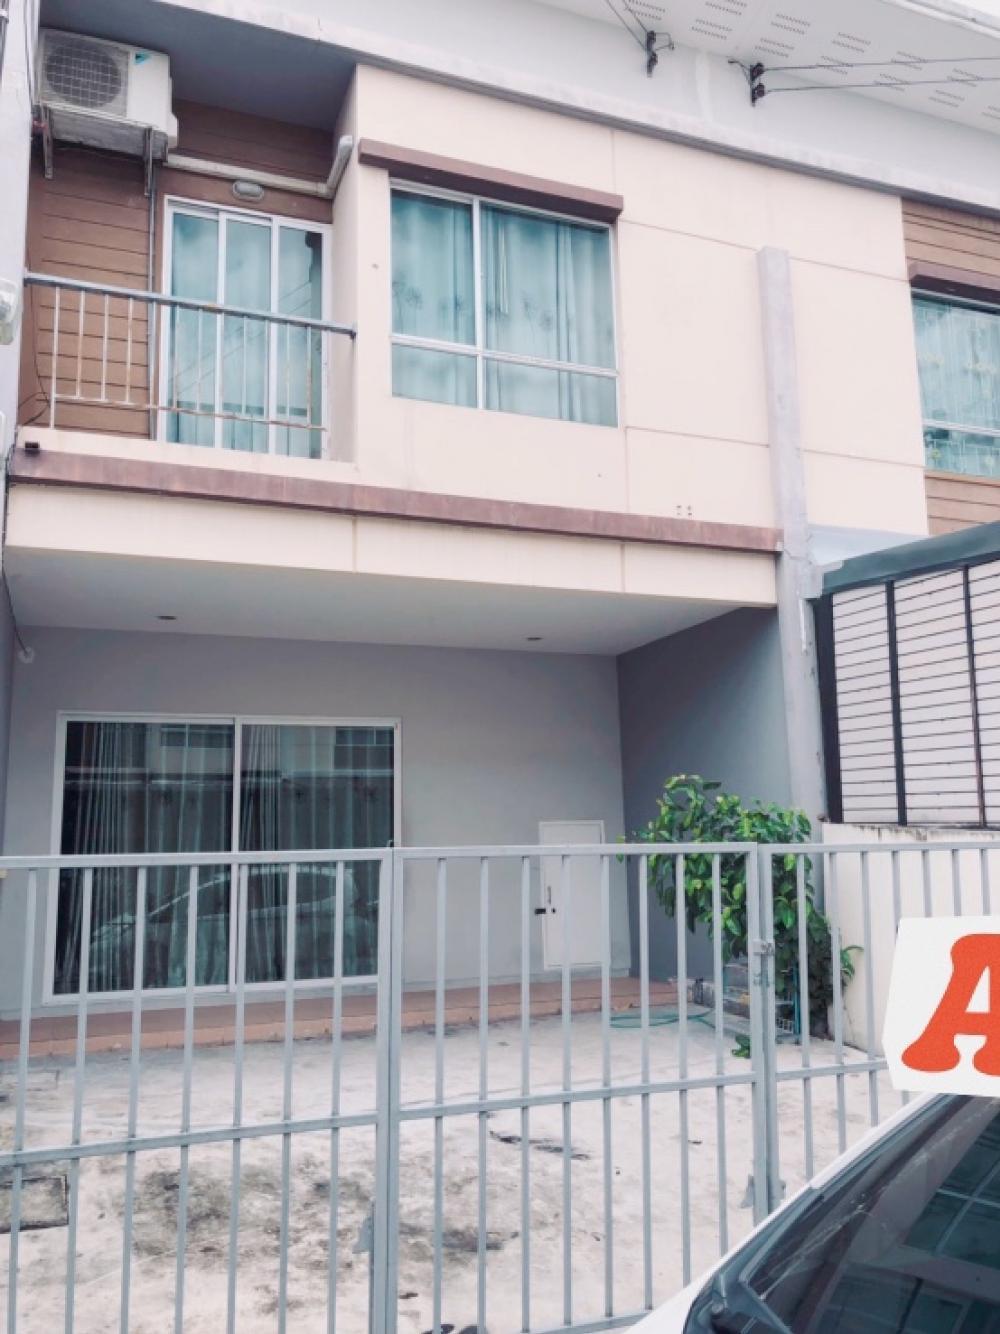 For RentTownhousePattanakan, Srinakarin : ให้เช่าทาวเฮ้าส์ วิลเลตไลท์ พัฒนาการ38